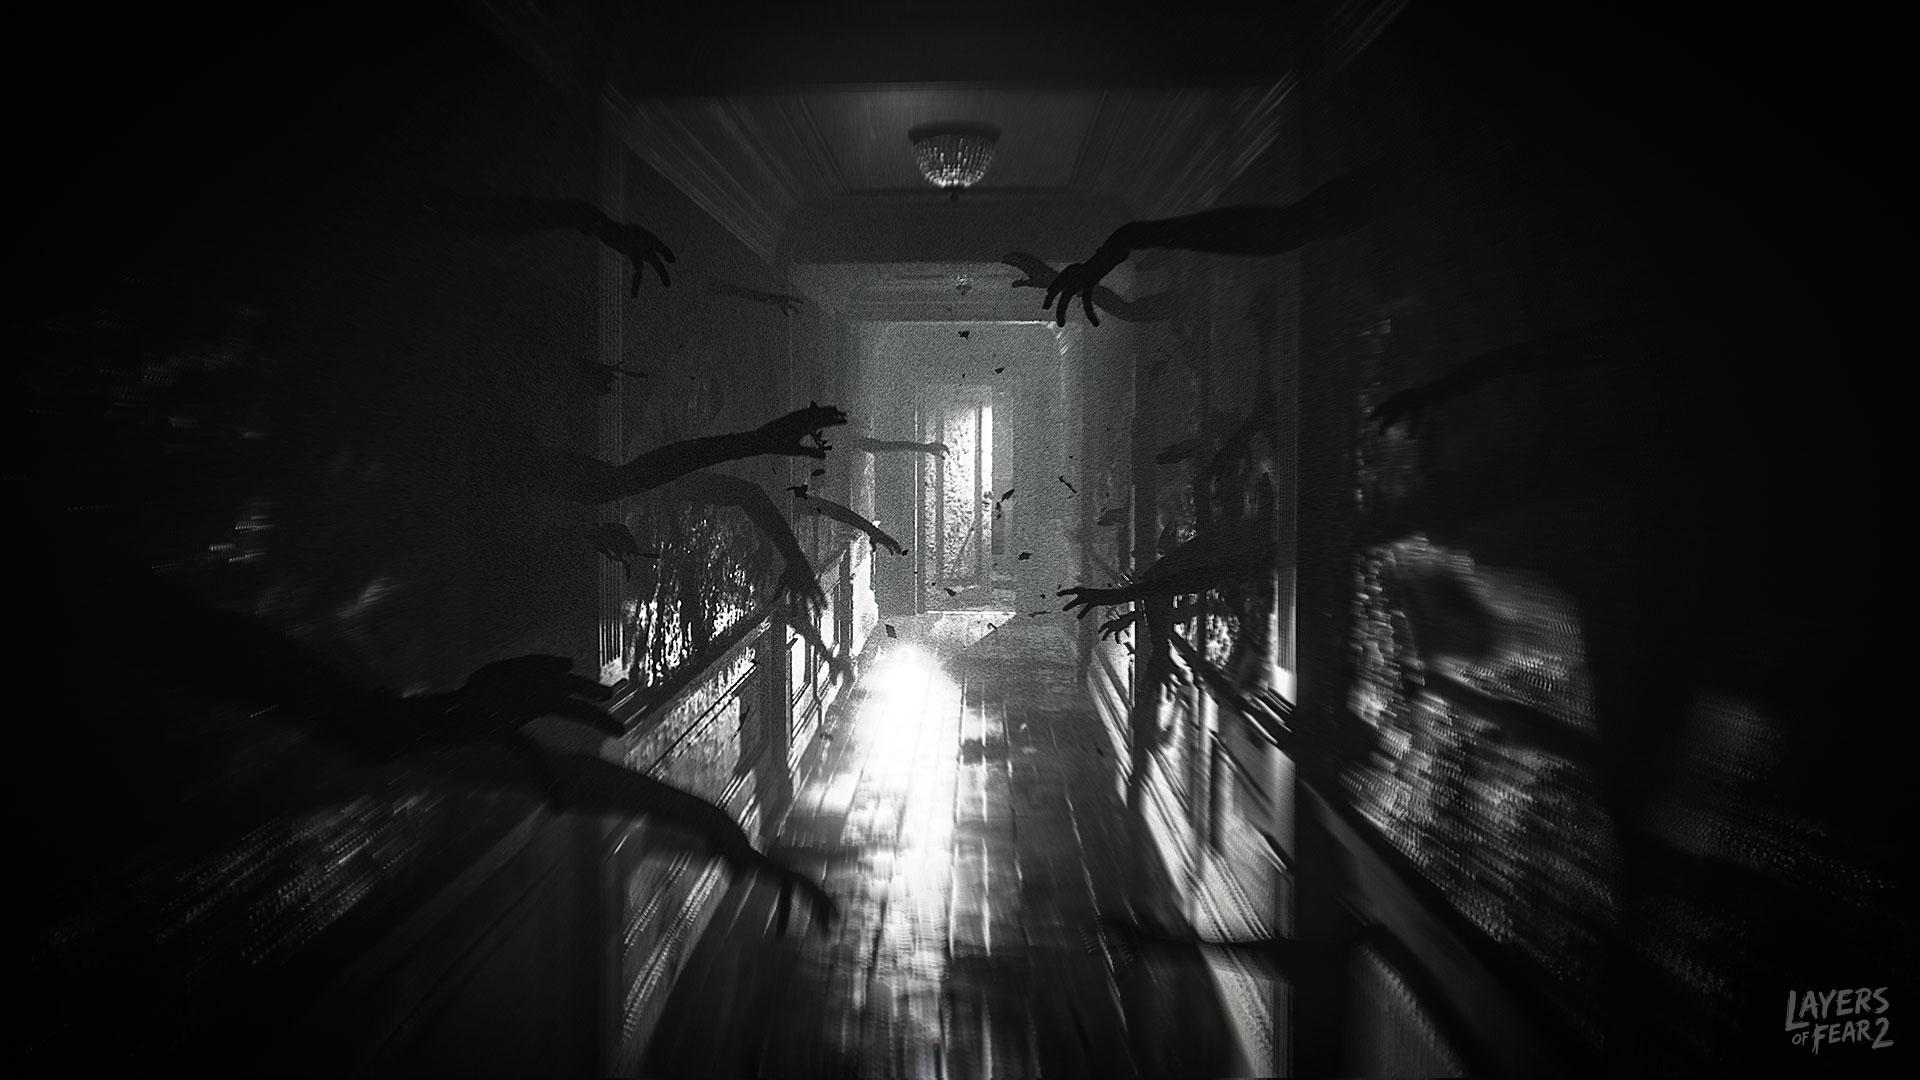 《层层恐惧2(Layers of Fear 2)》即将发售 5月28日恐惧来袭!!!